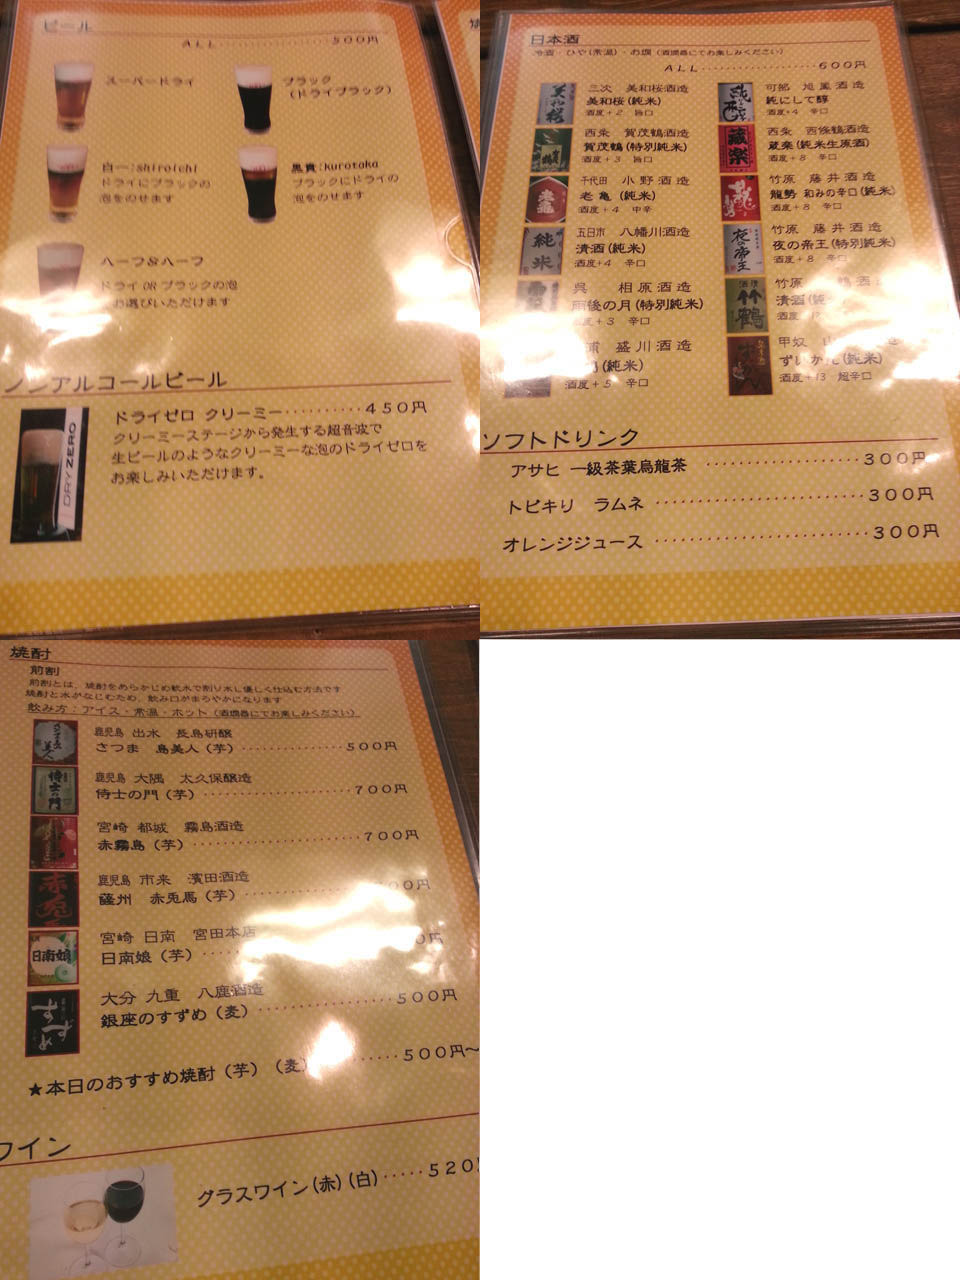 ittaka_013_new_0000.jpg